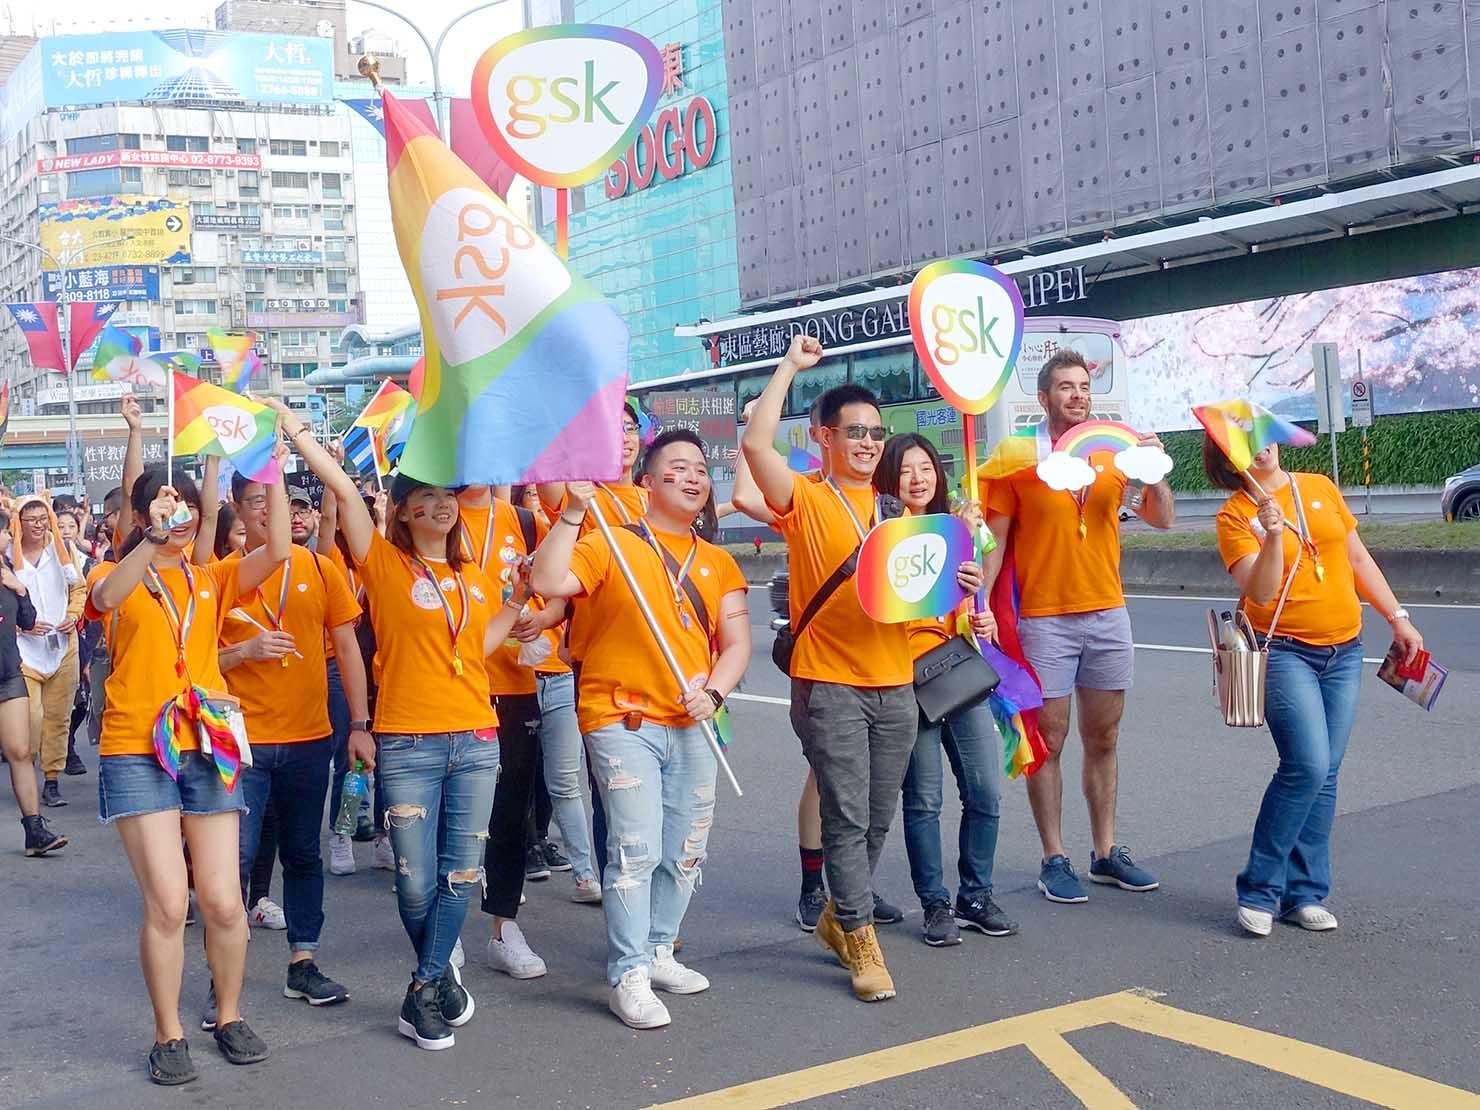 台灣同志遊行(台湾LGBTプライド)2019のパレードをオレンジ色の服で歩く製薬会社のグループ